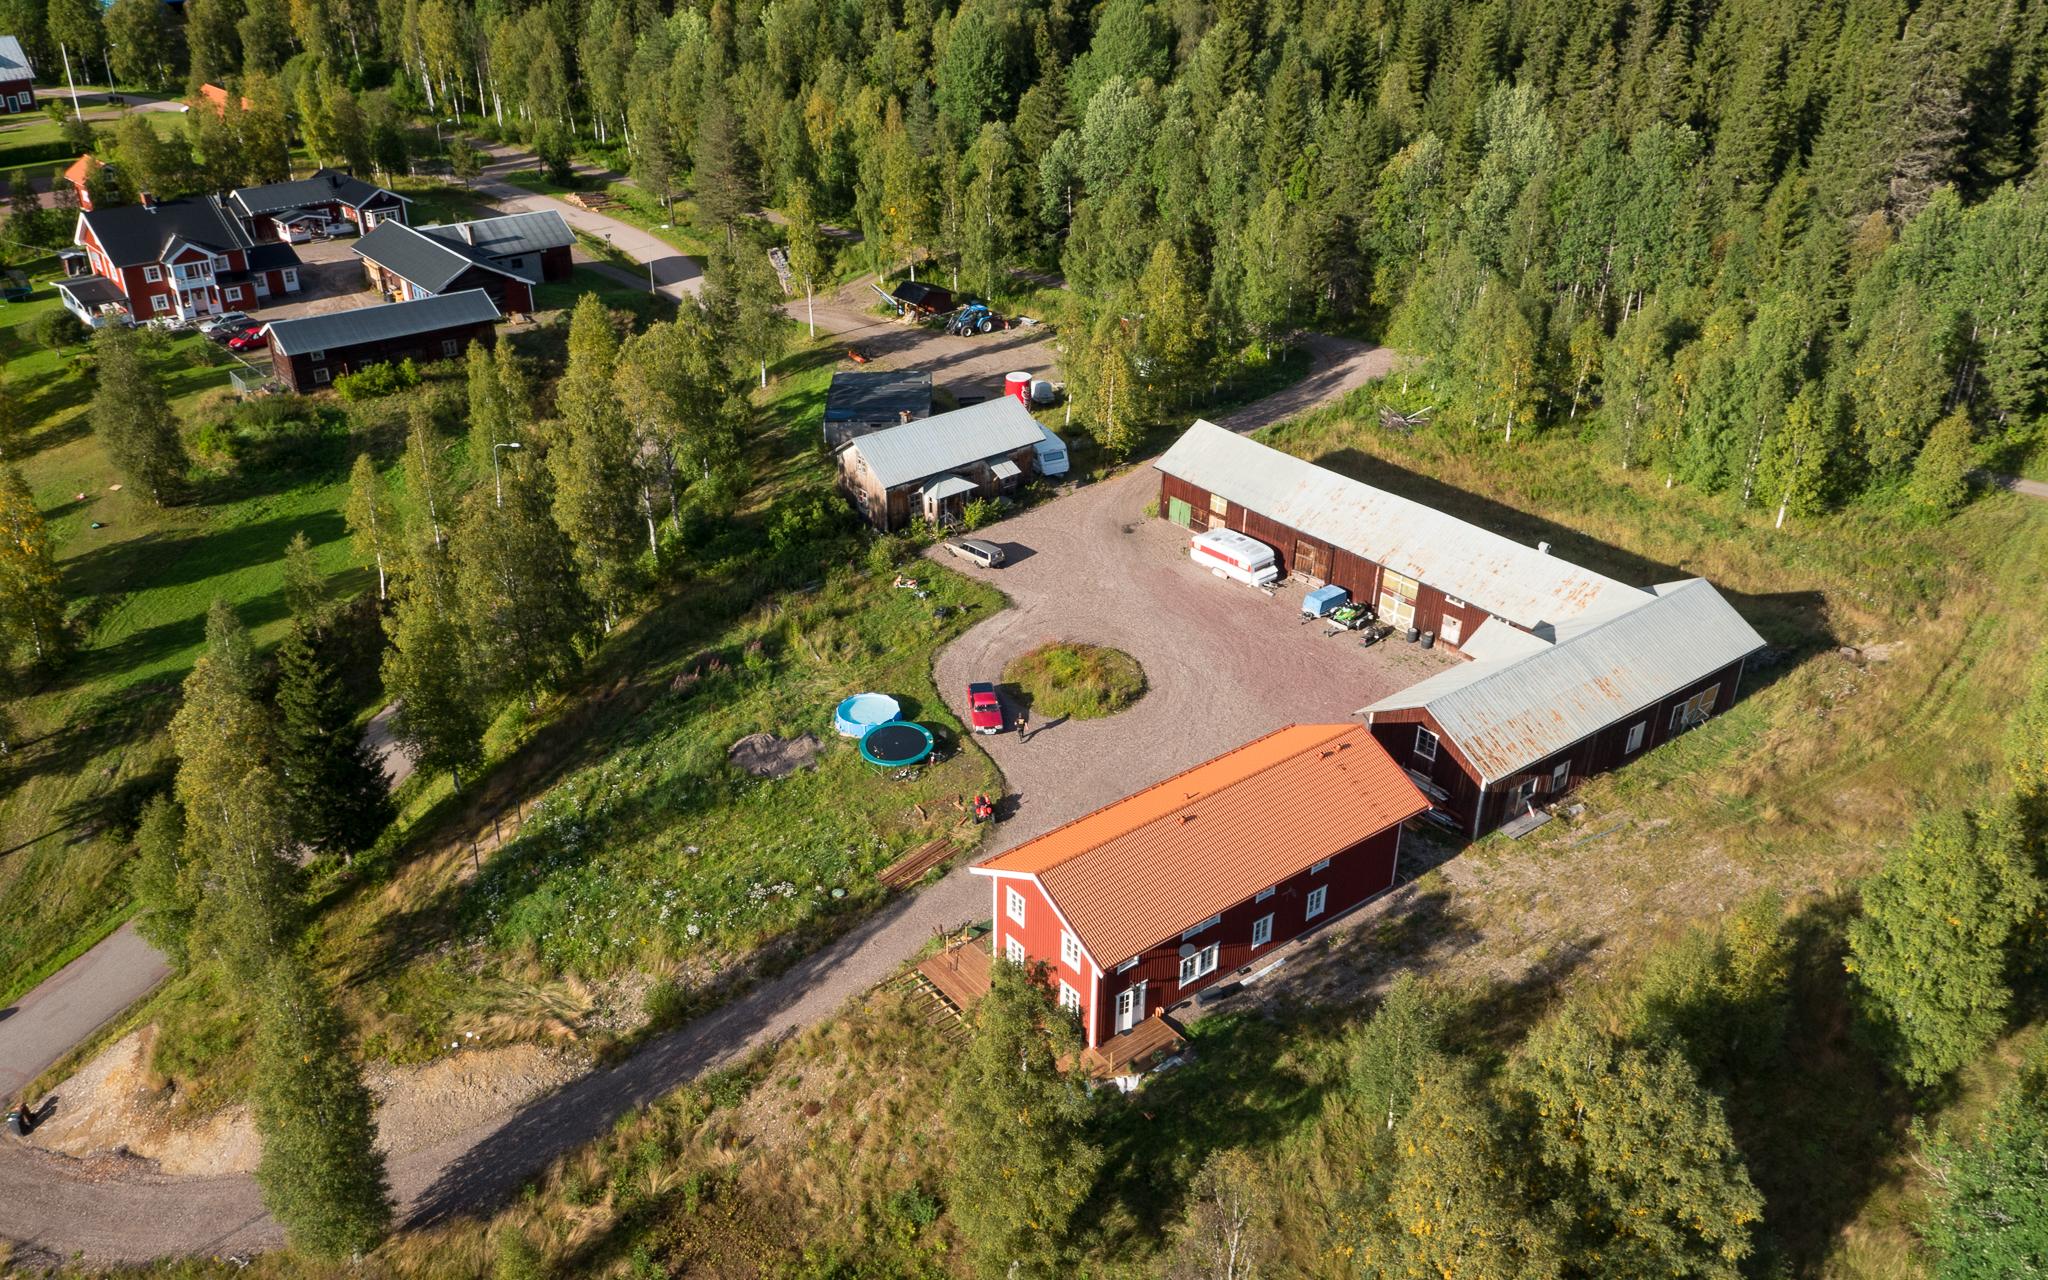 Flygfotografering av en gård i Dalarna